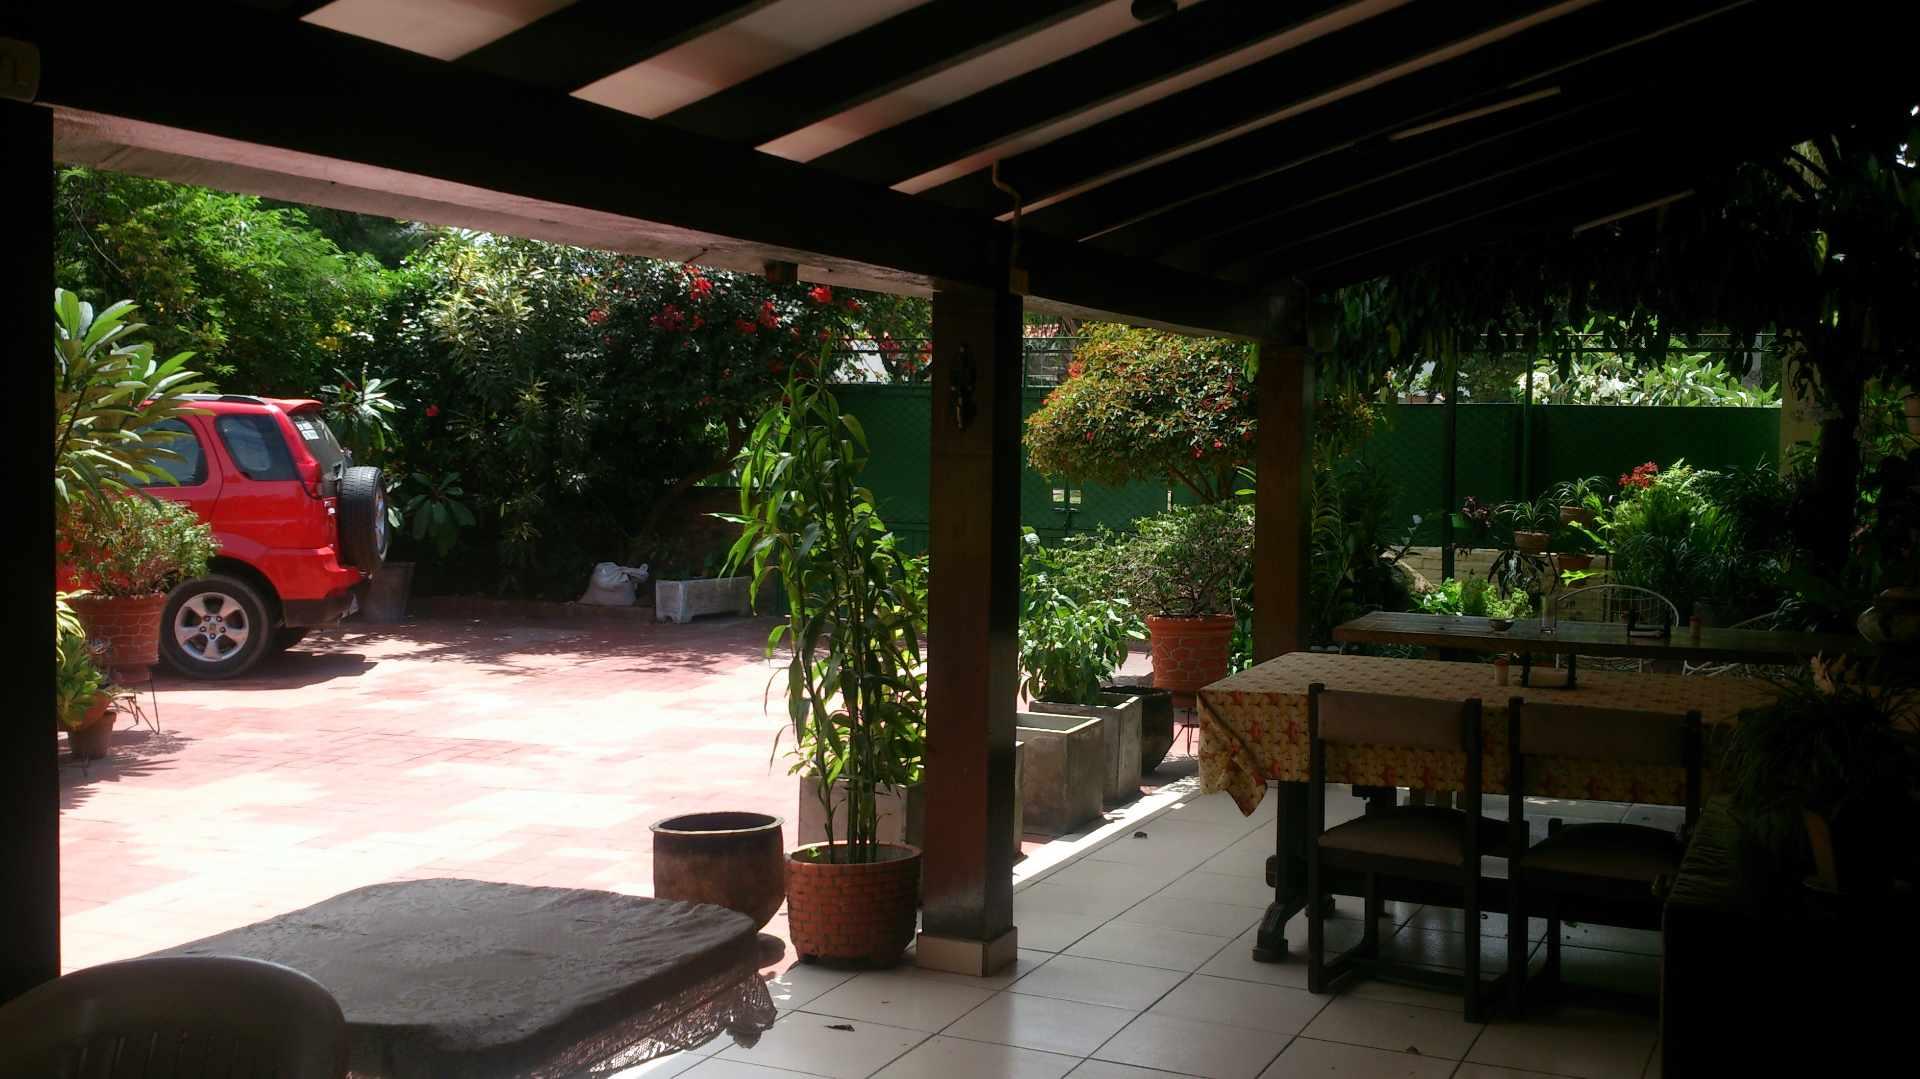 Casa en Venta AV. SANTOS DUMONT Y AV.PILCOMAYO Foto 4